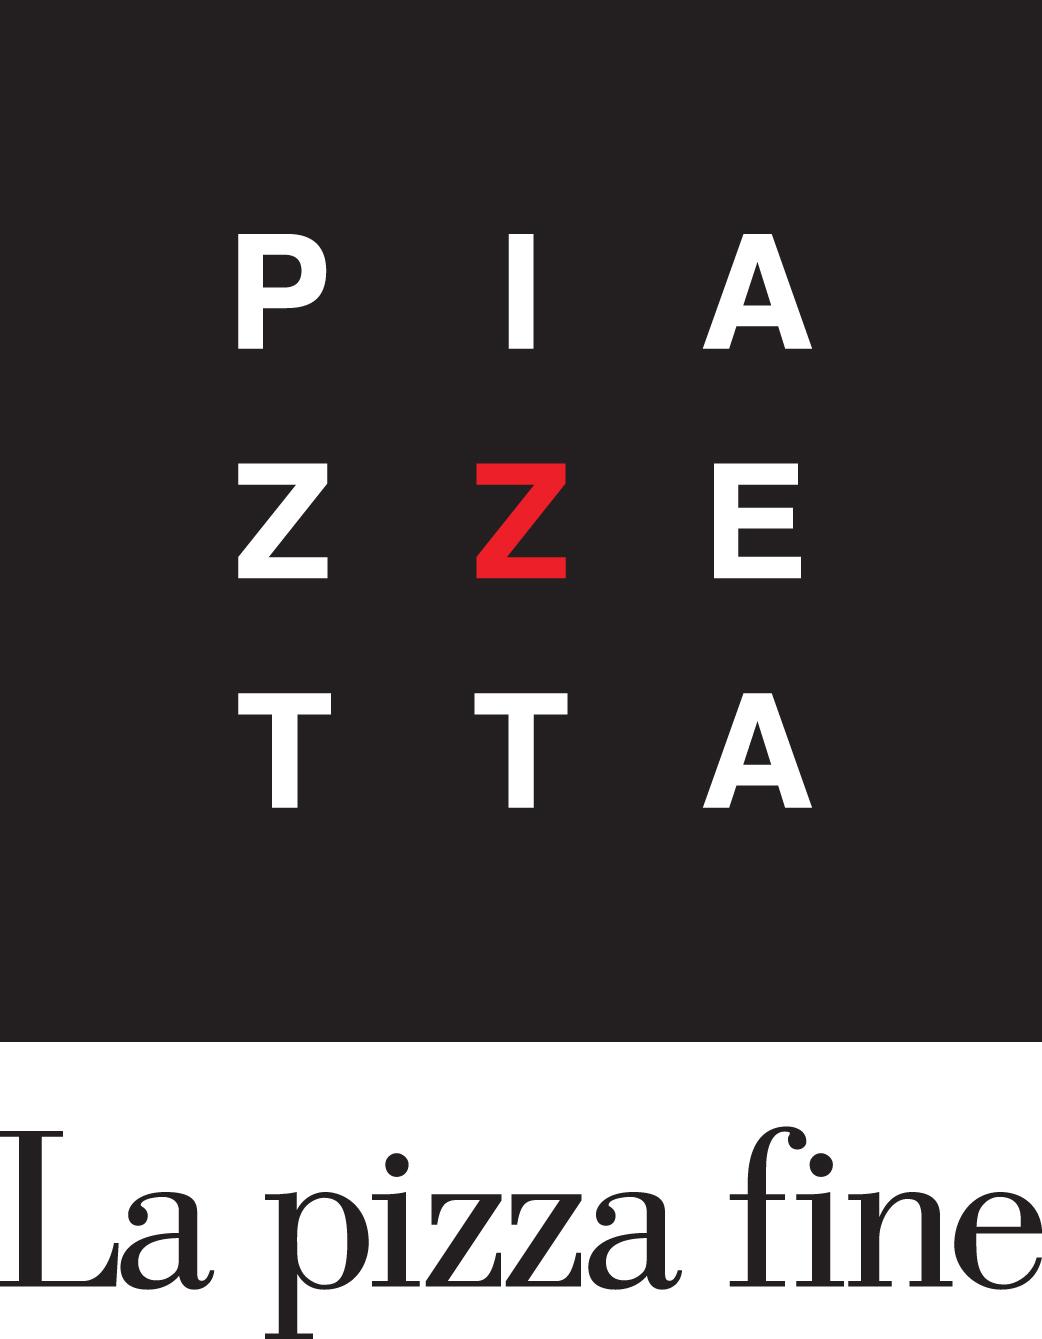 Piazzetta (Ste-Catherine)